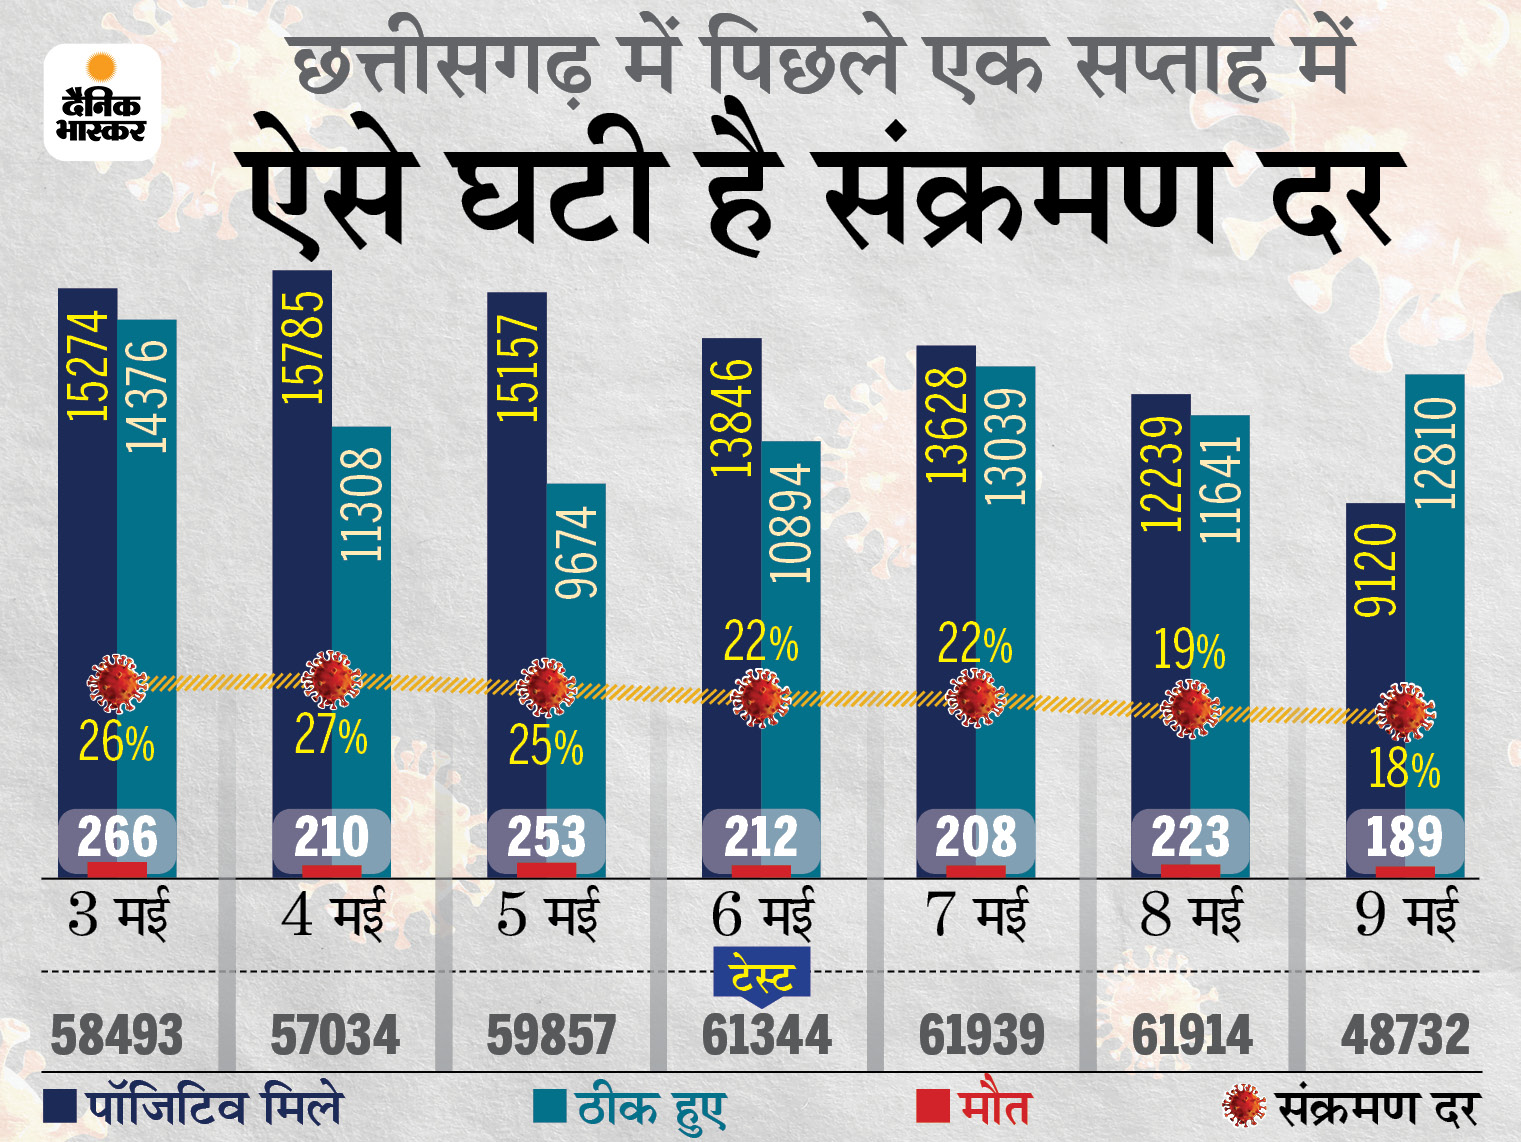 7 दिन में 26% से 18% पर आई कोरोना संक्रमण दर; कांग्रेस सांसद की मां और जकांछ विधायक के पिता का निधन|रायपुर,Raipur - Dainik Bhaskar